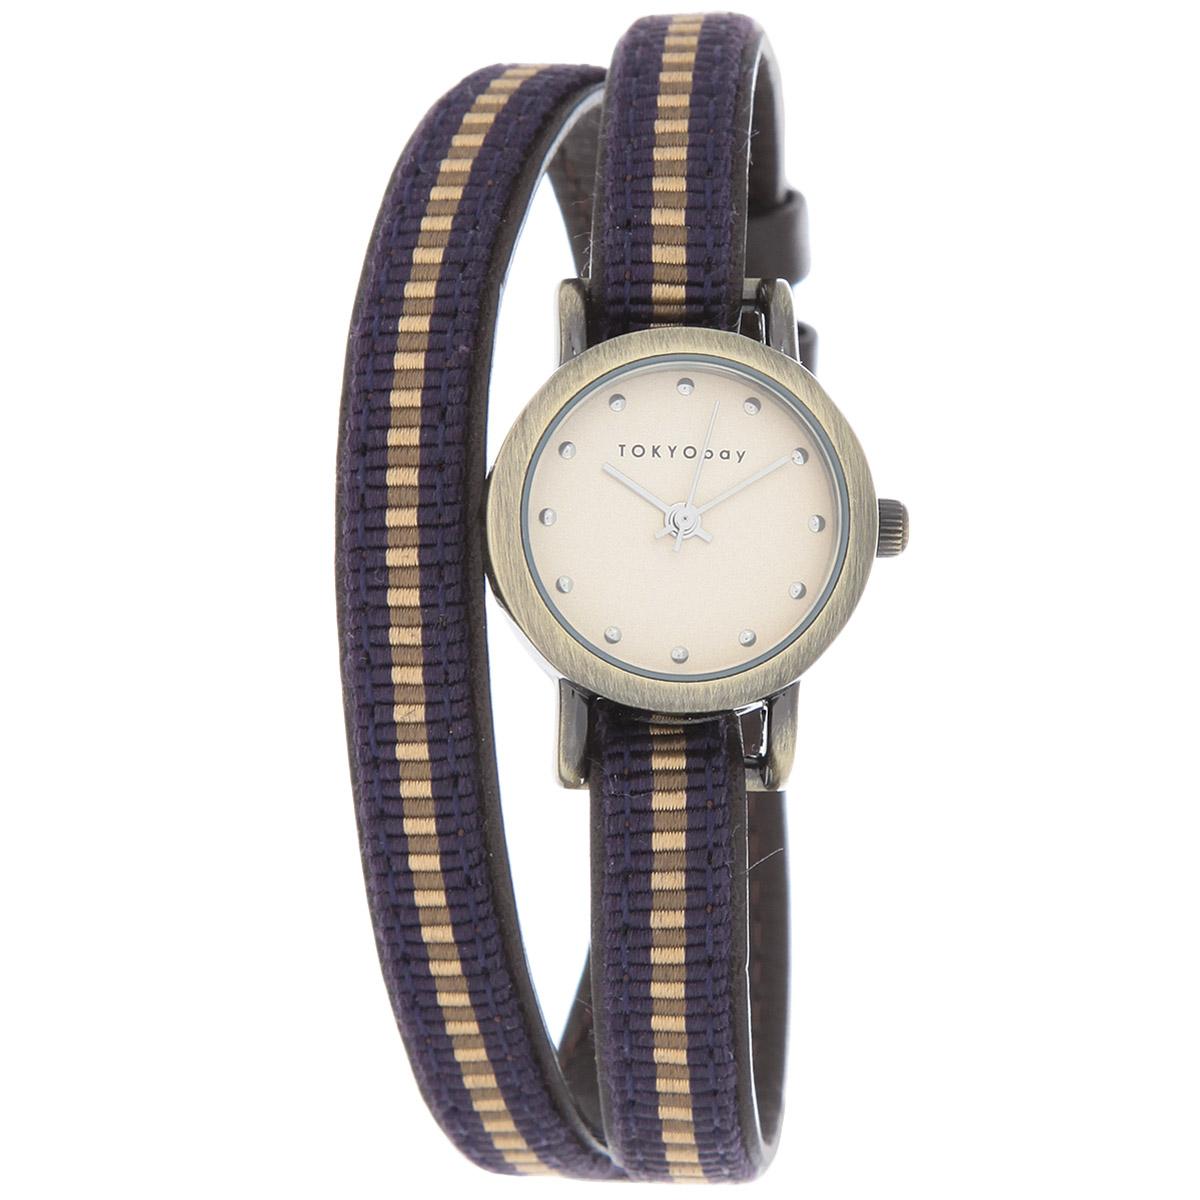 Часы женские наручные Tokyobay Nishiki, цвет: синий. T266-PUBM8434-58AEНаручные часы Tokyobay - это стильное дополнение к вашему неповторимому образу. Эти часы созданы для современных женщин, ценящих стиль, качество и практичность. Часы оснащены японским кварцевым механизмом Miyota. Задняя крышка изготовлена из нержавеющей стали. Корпус изготовлен из металла.Циферблат оформлен металлическими отметками, без цифр, имеются часовая, минутная и секундная стрелки. Ремешок выполнен из кожи и нейлона, застегивается на классическую застежку-пряжку.Часы Tokyobay - это практичный и модный аксессуар, который подчеркнет ваш безупречный вкус. Характеристики: Корпус: 2,2 х 2,2 х 0,7 см.Размер ремешка: 37 х 0,8 см.Не содержит никель.Не водостойкие.